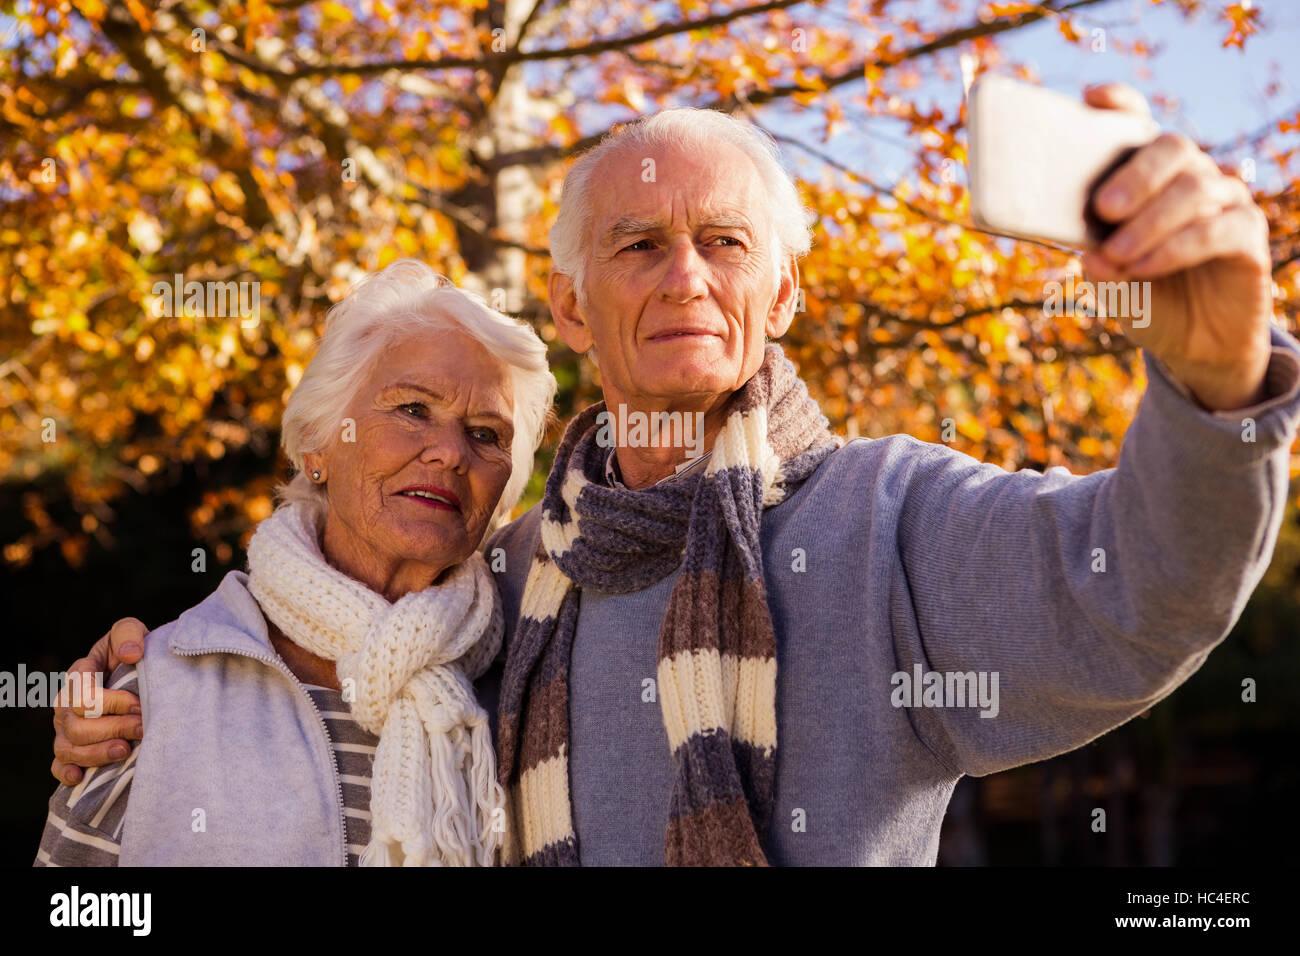 Coppia senior prendendo un selfie Immagini Stock